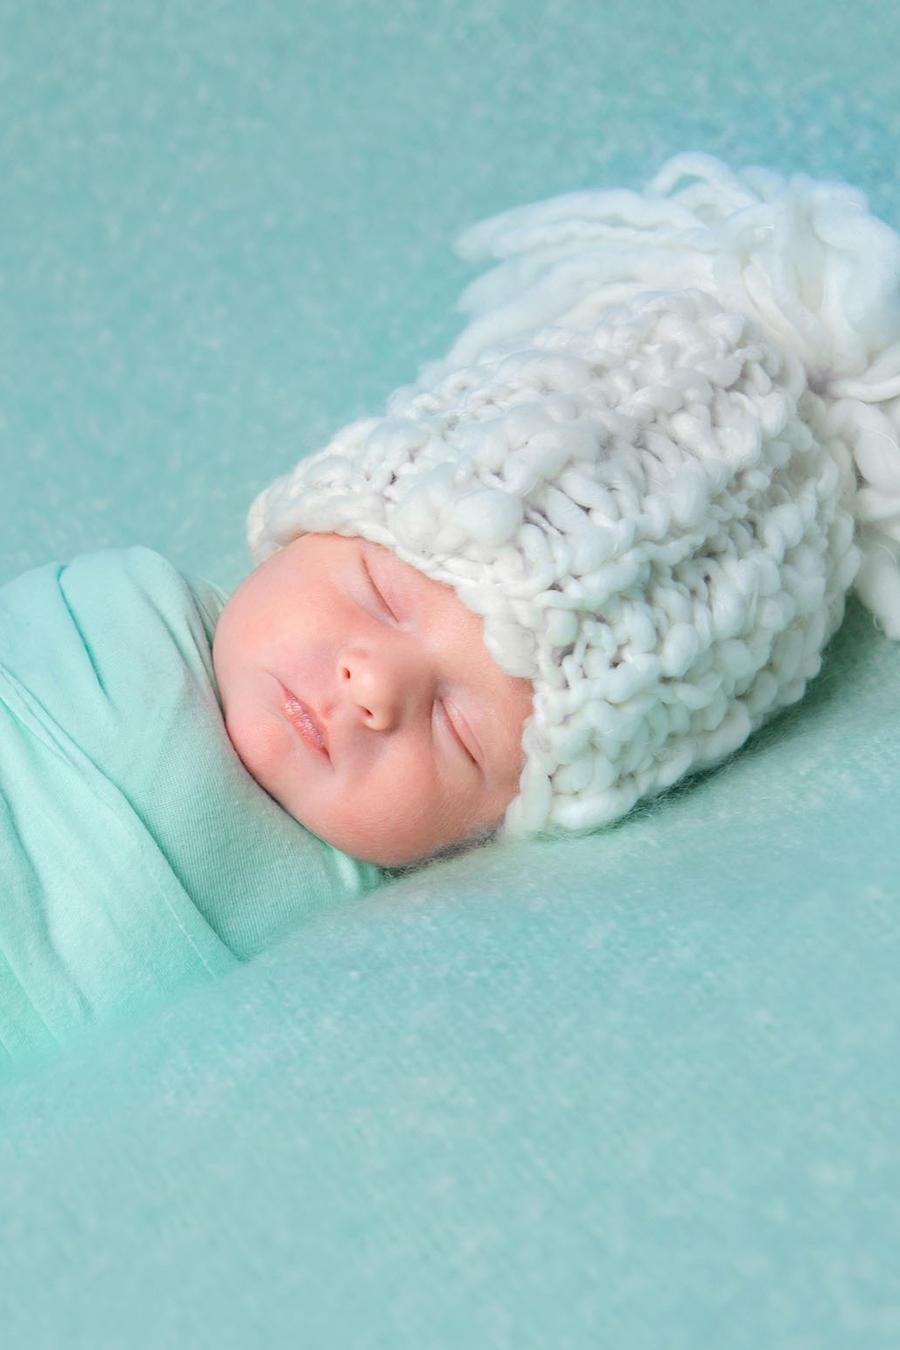 Bebé durmiendo envuelto en una manta